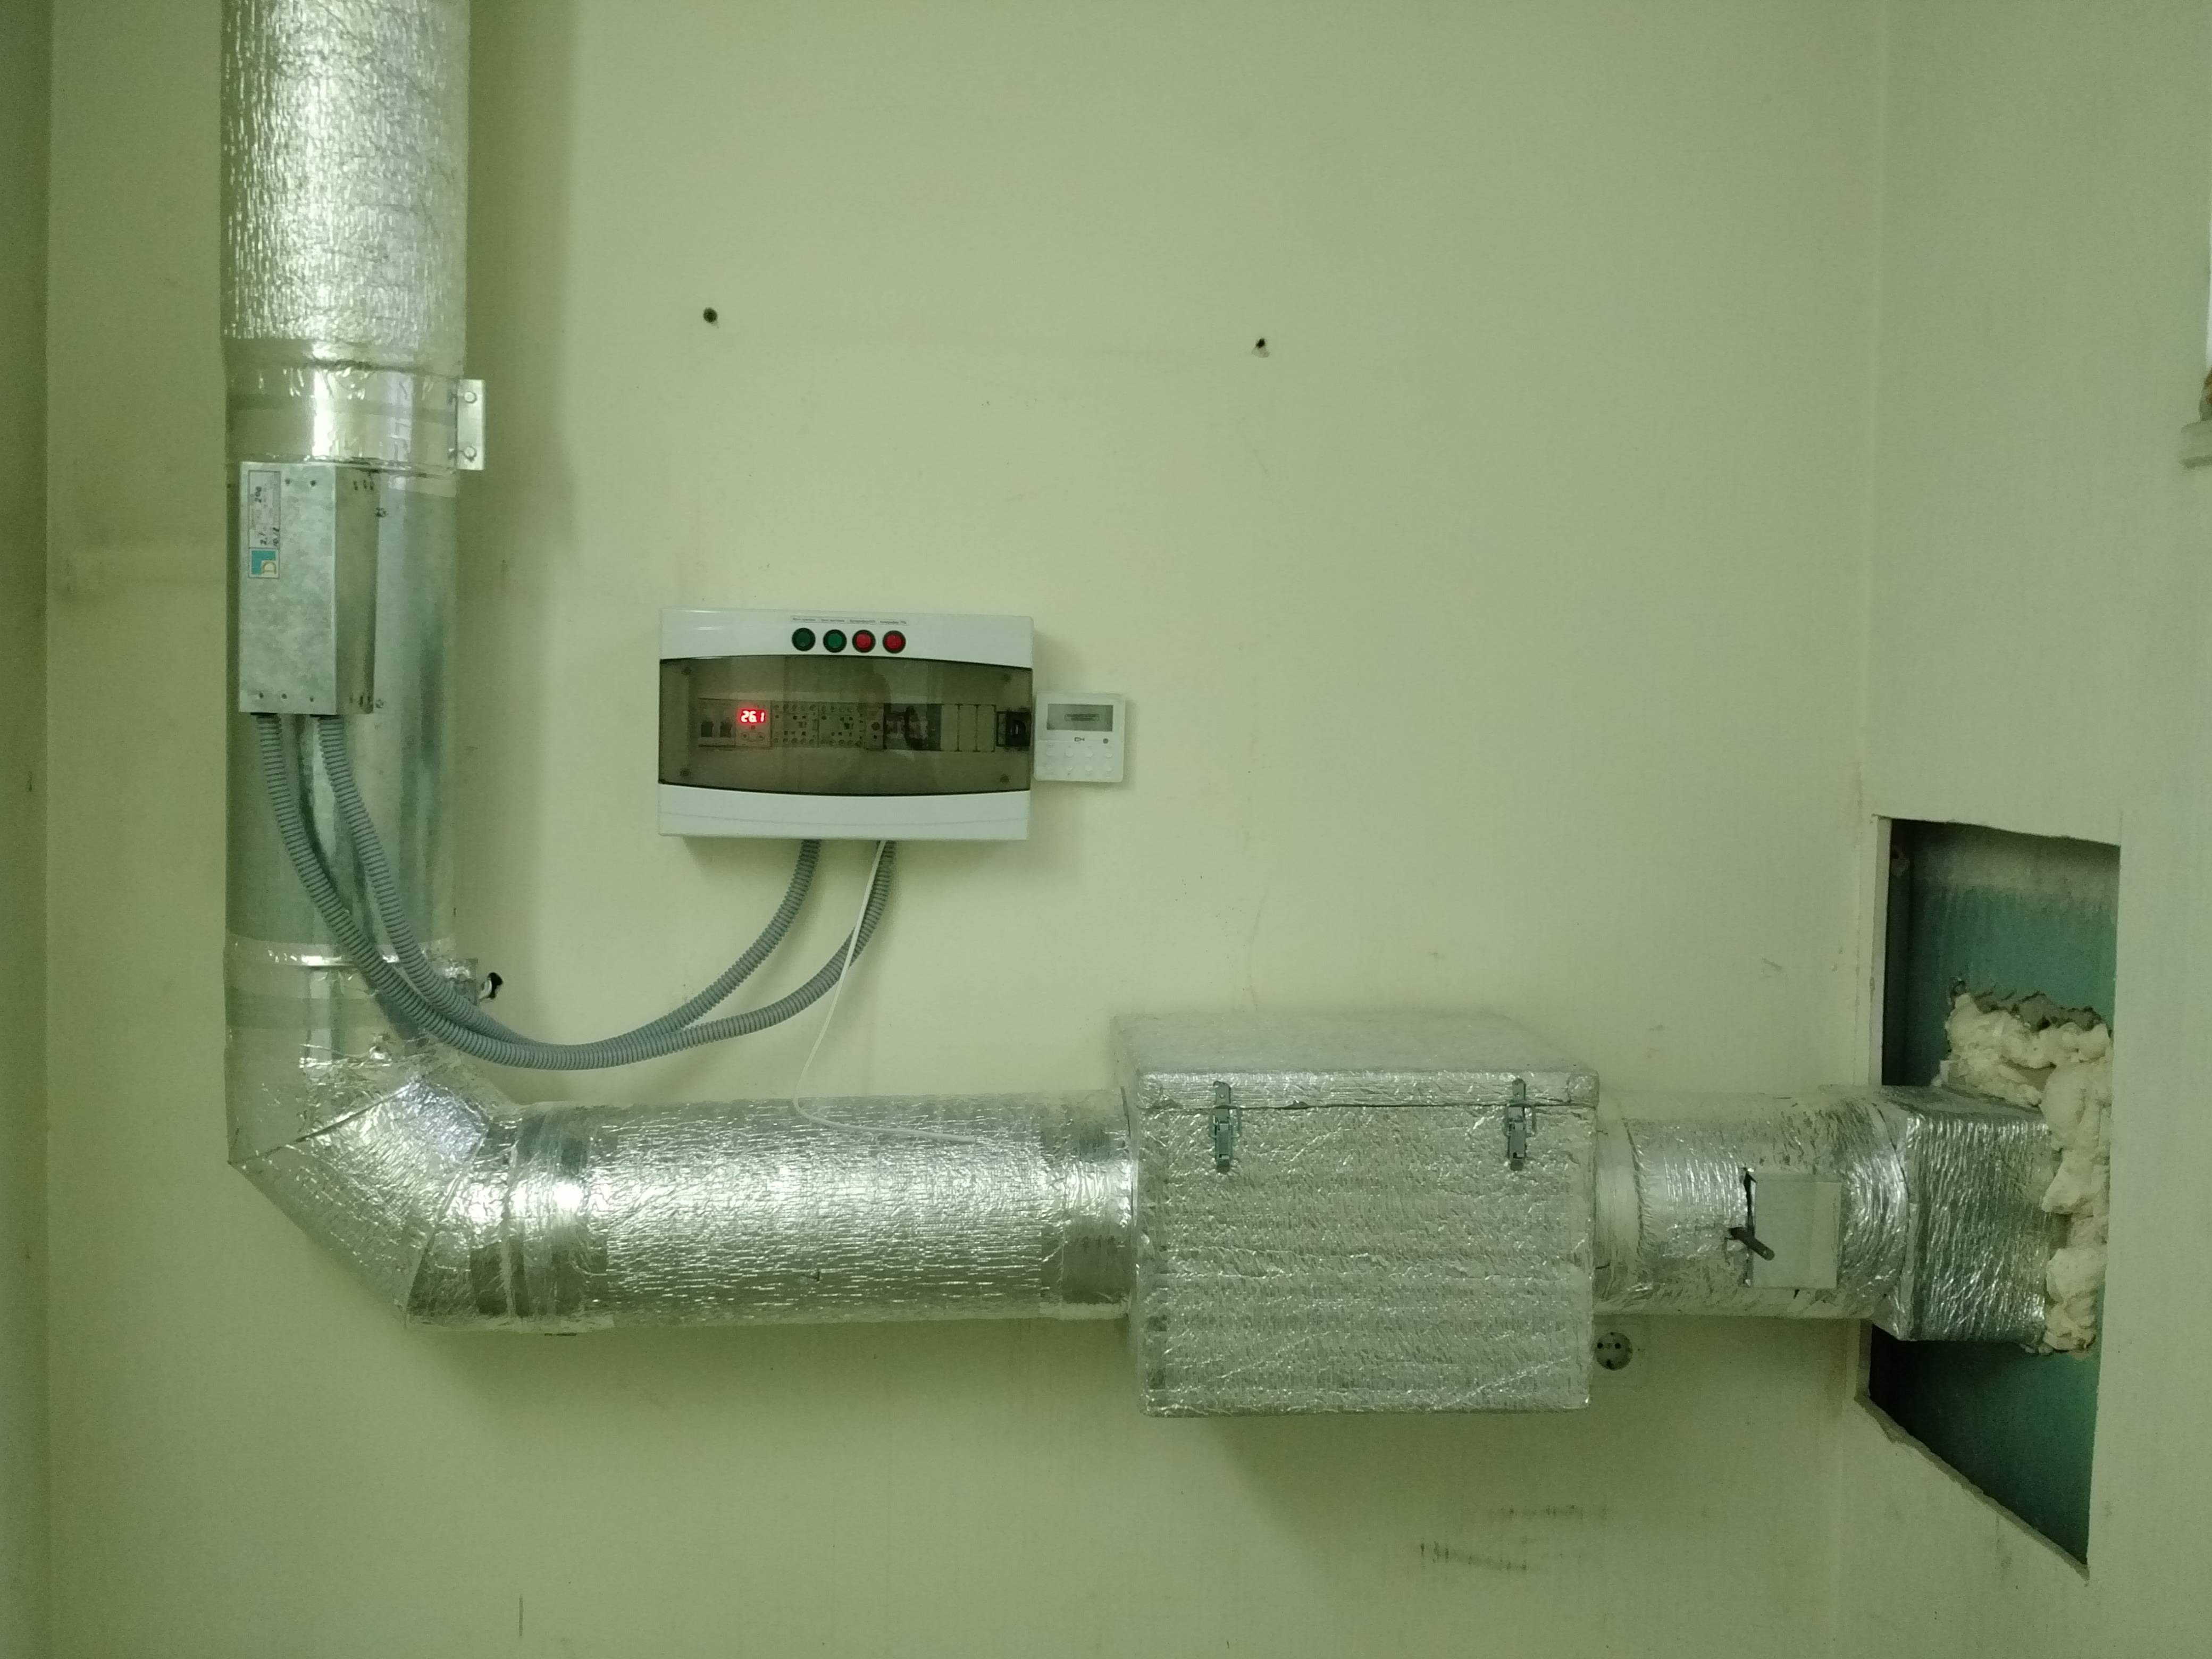 Приточно-вытяжной вентилятор: рассмотрим во всех подробностях